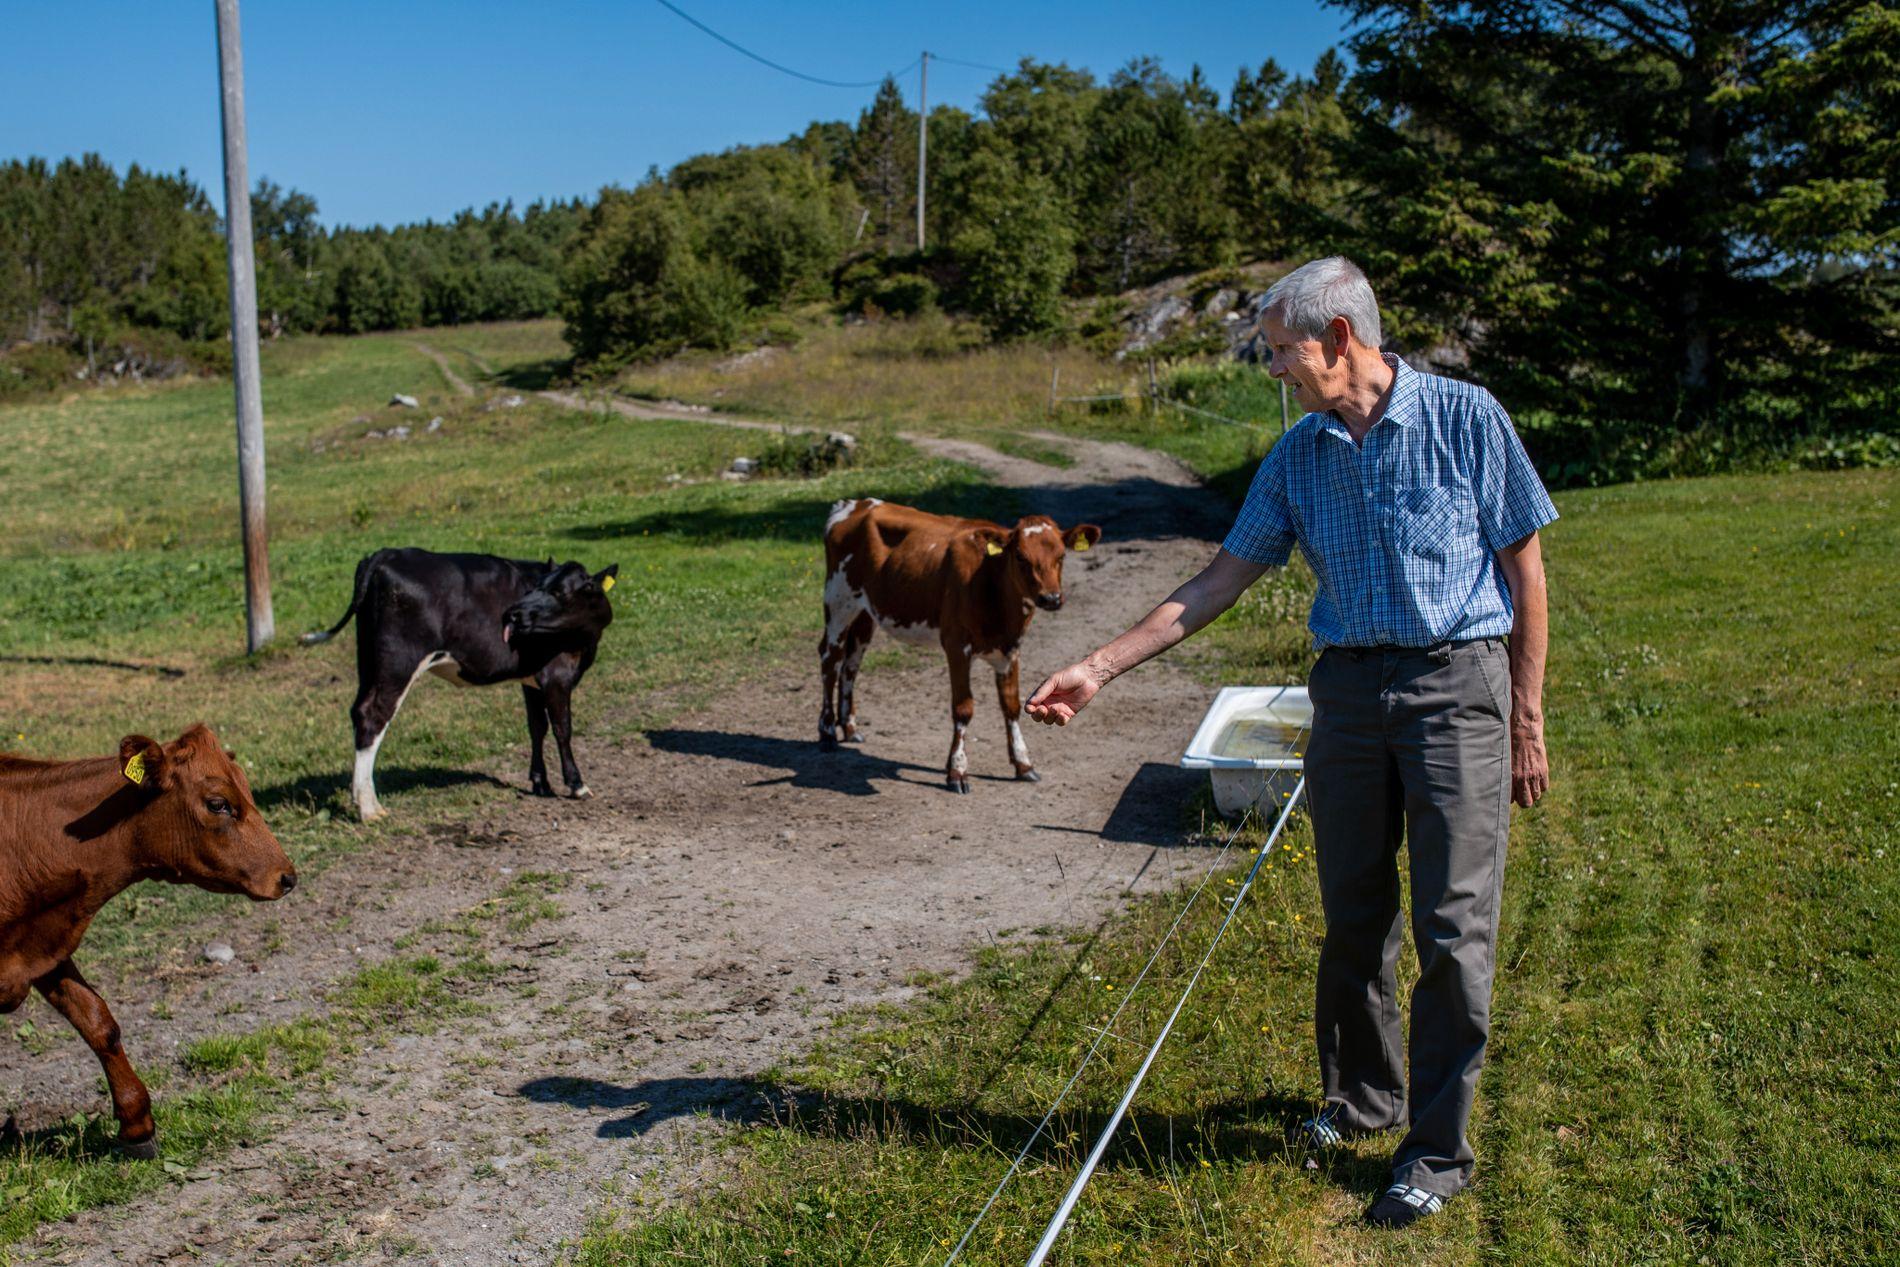 FORSKJELLER: Terje Solbakken fra Nord-Trøndelag er alvorlig kreftsyk og er en av dem som har fått nei på søknad om unntaksmedisin. VGs gjennomgang tyder på at det kunne vært annerledes hvis han bodde mer sentralt til.